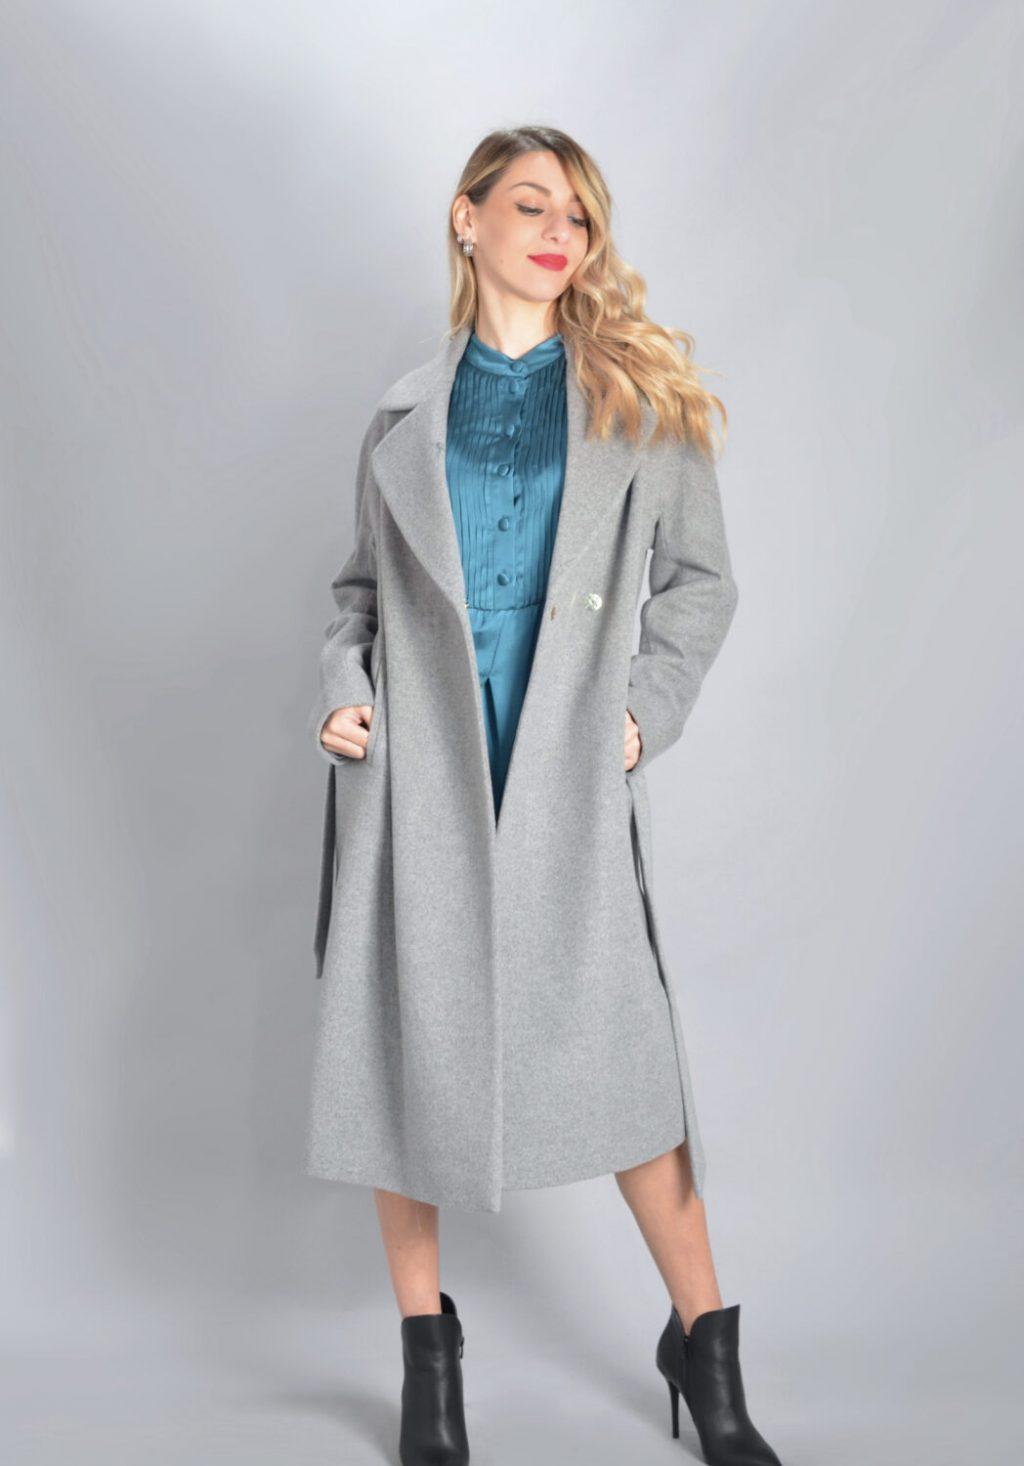 Γυναικεία Ρούχα CHIARULLI ΠΑΛΤΟ AURORA